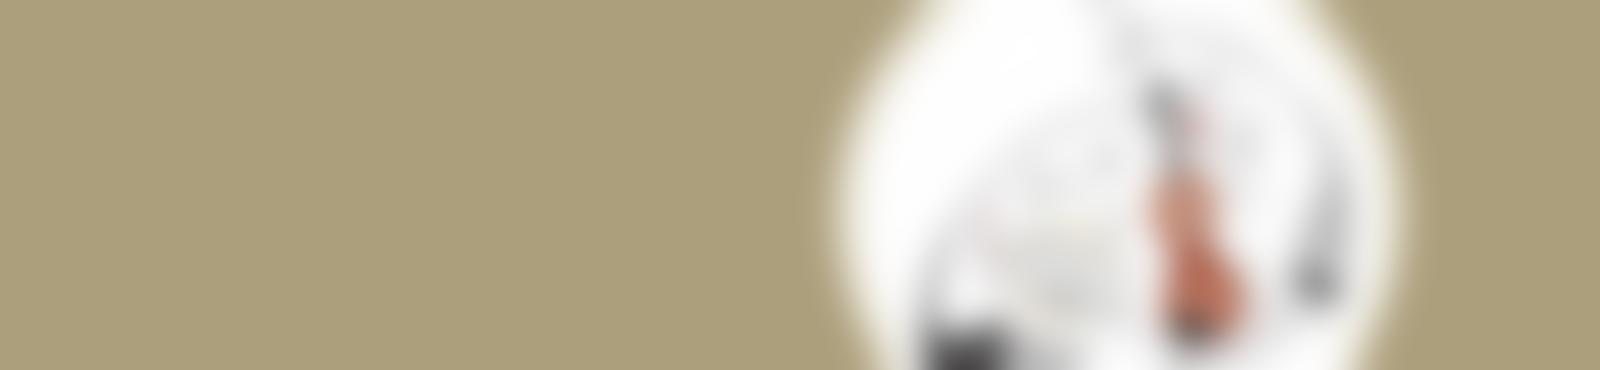 Blurred 5fbcb2e9 2f71 4b42 85bb 7b4284411db4